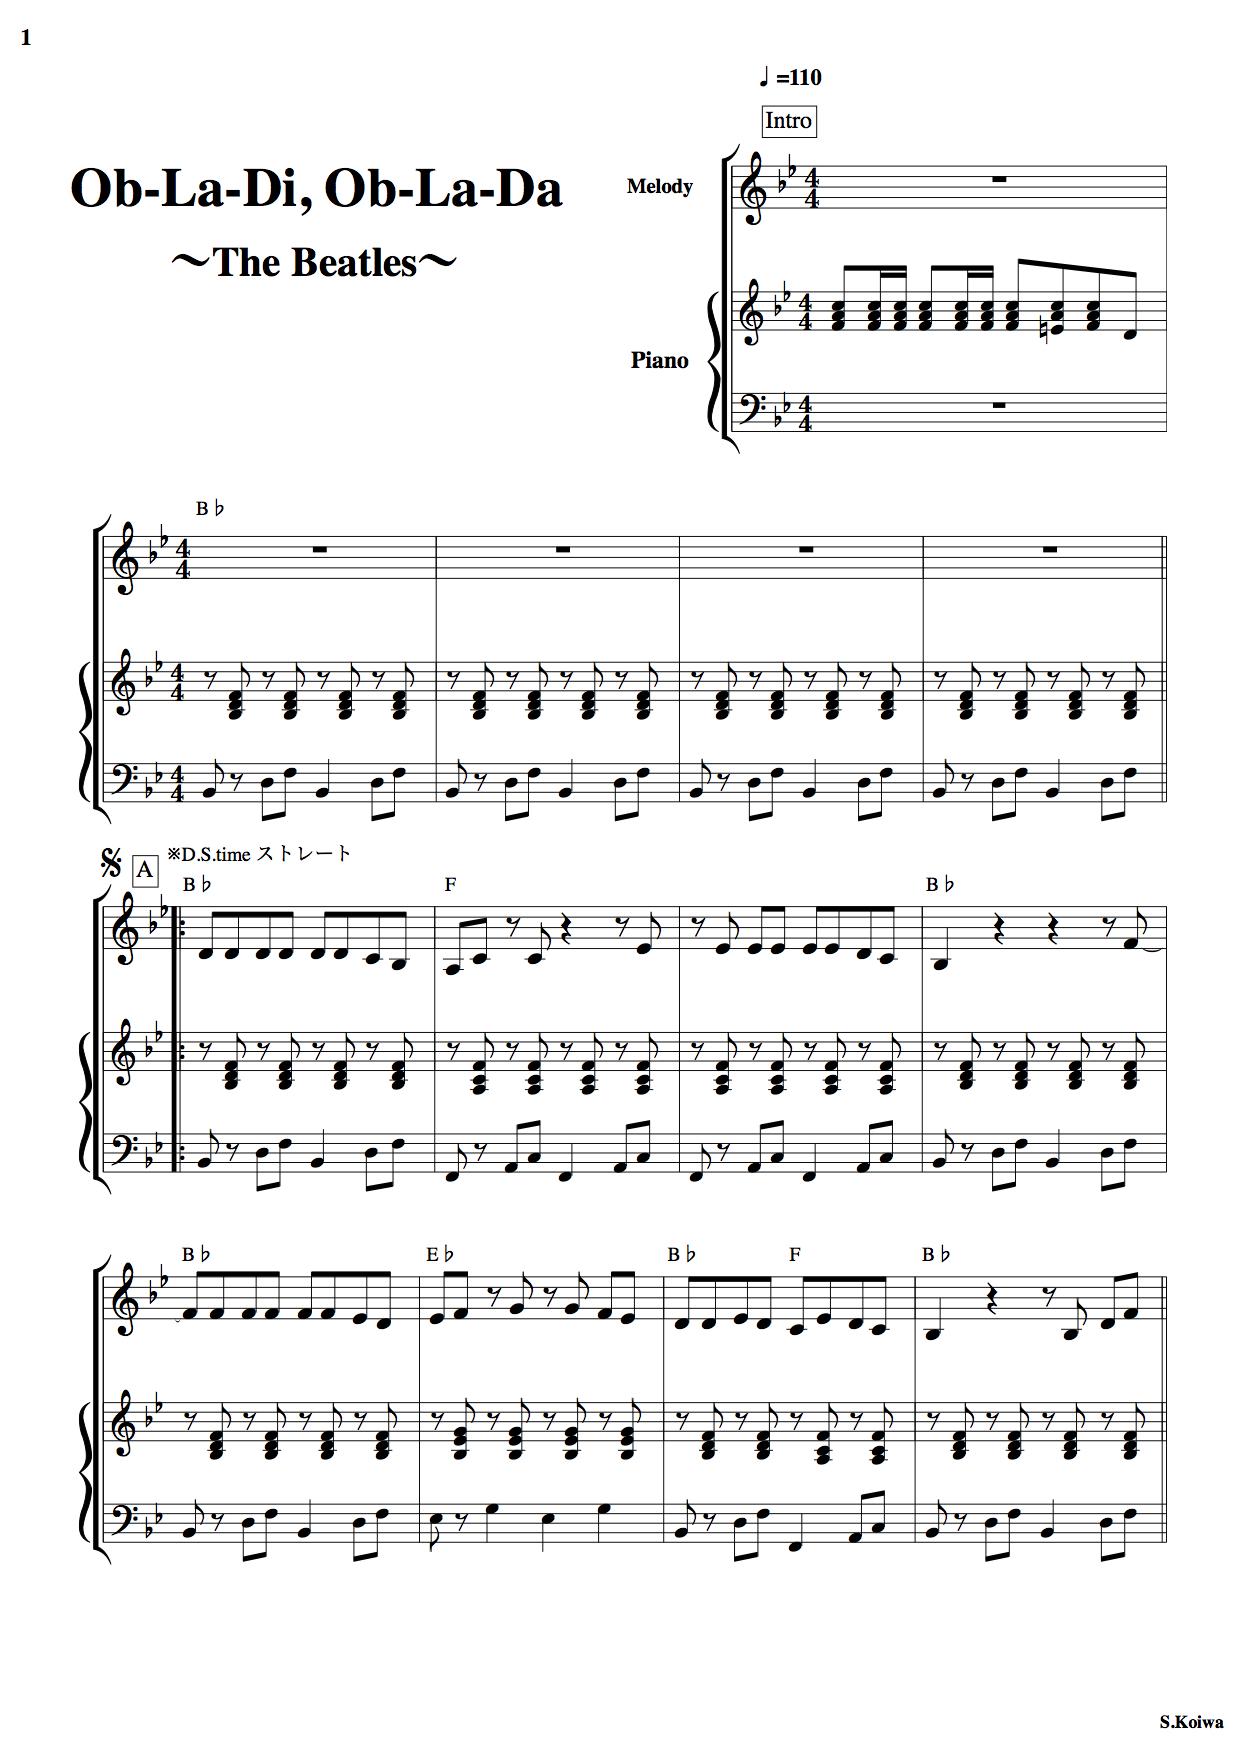 オブラディオブラダ ピアノ譜面1